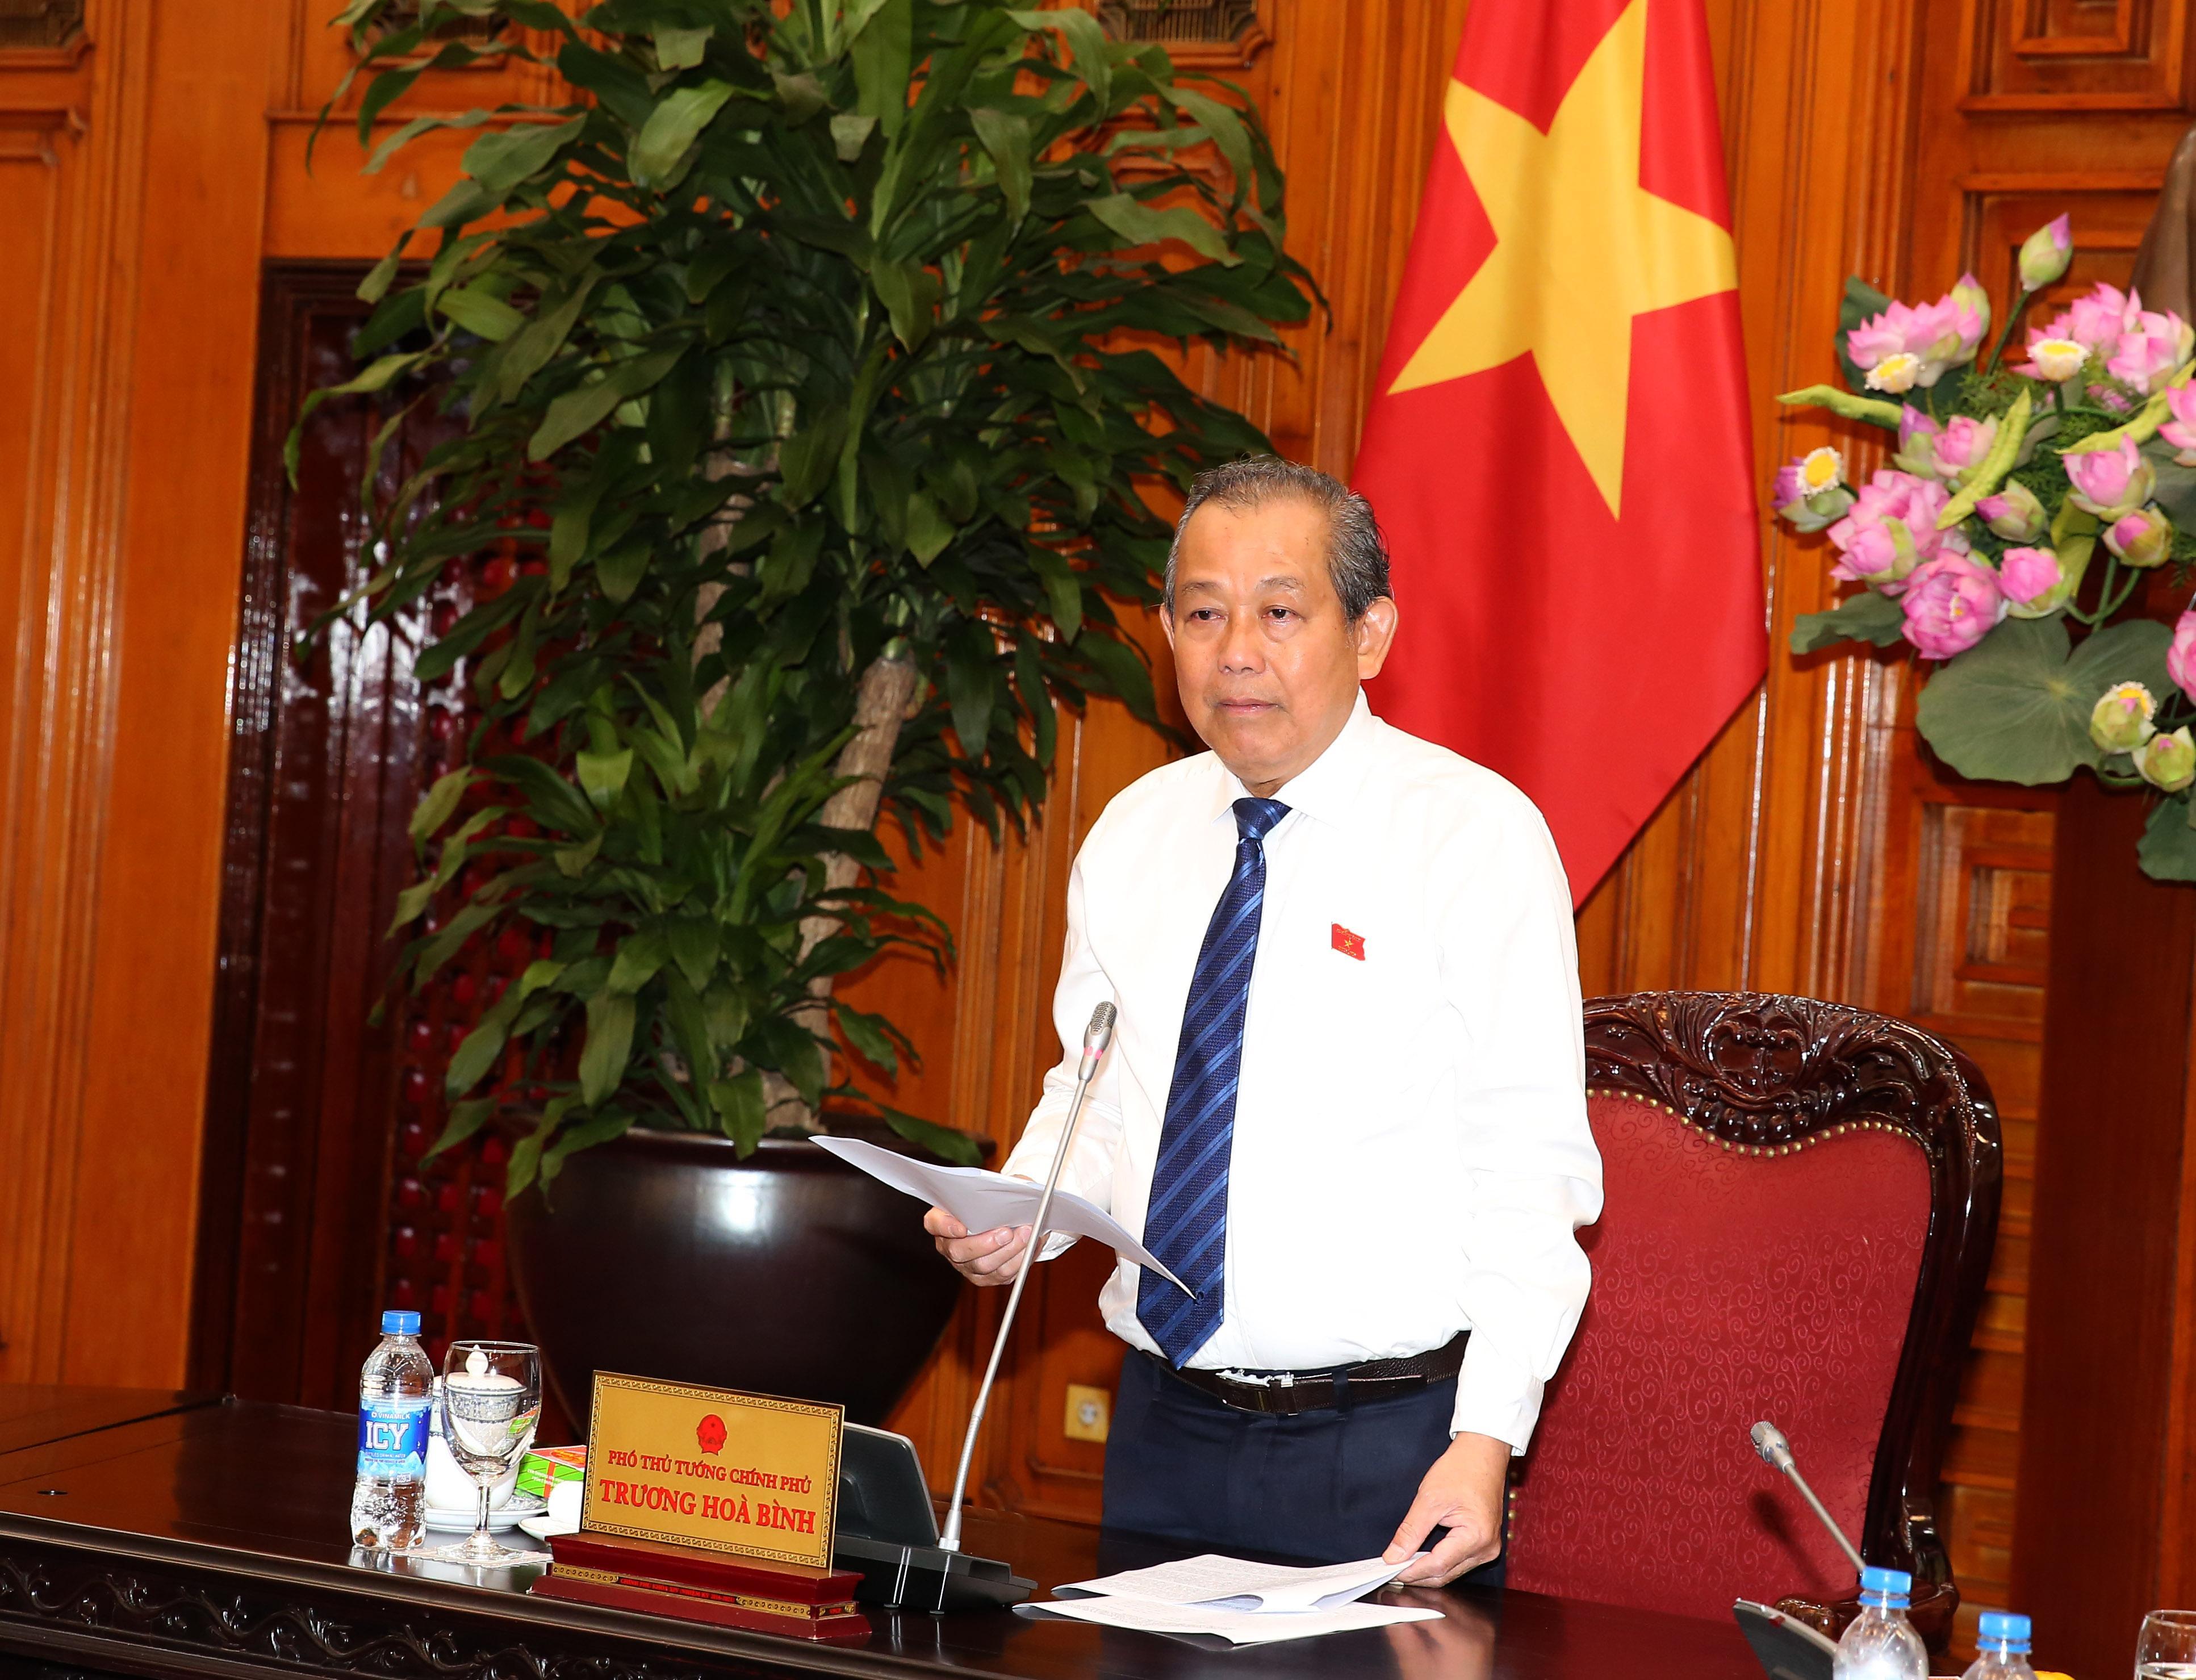 Phó Thủ tướng Trương Hòa Bình tiếp Đoàn người có công tỉnh Nghệ An Ảnh 2